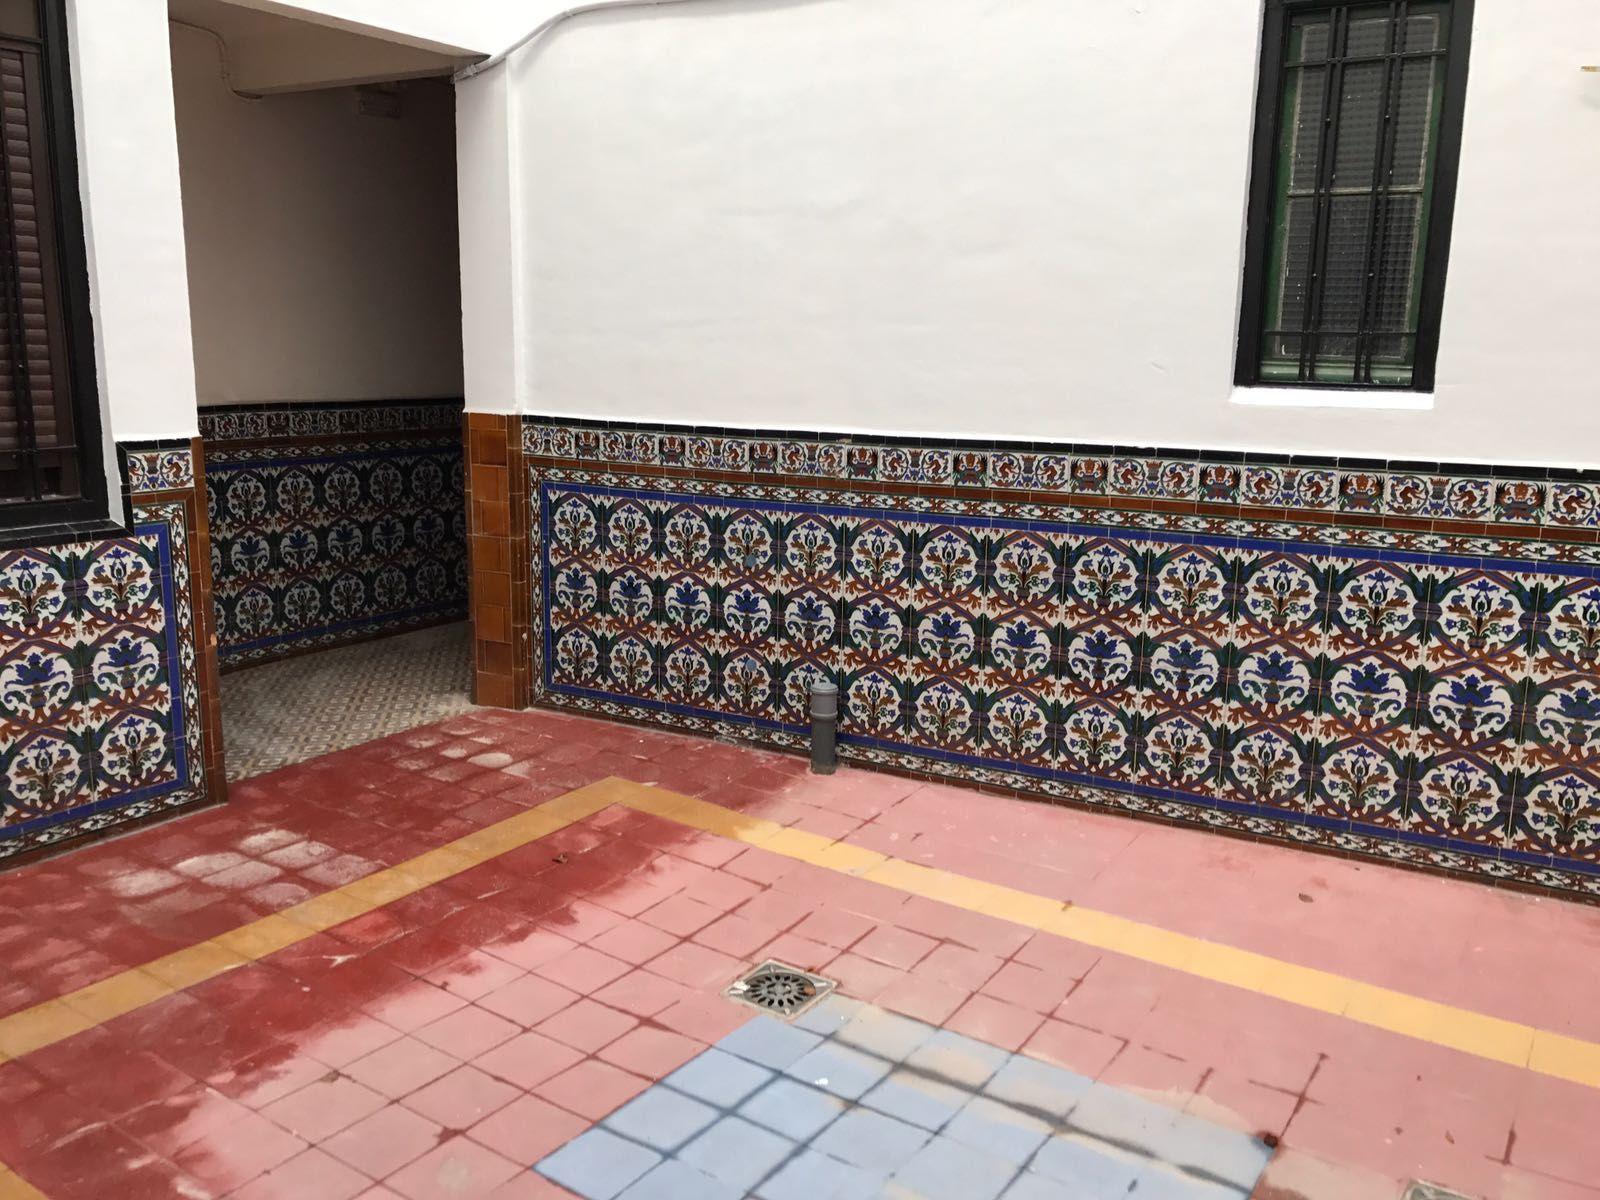 Detalle de fachada de patio interior pintada